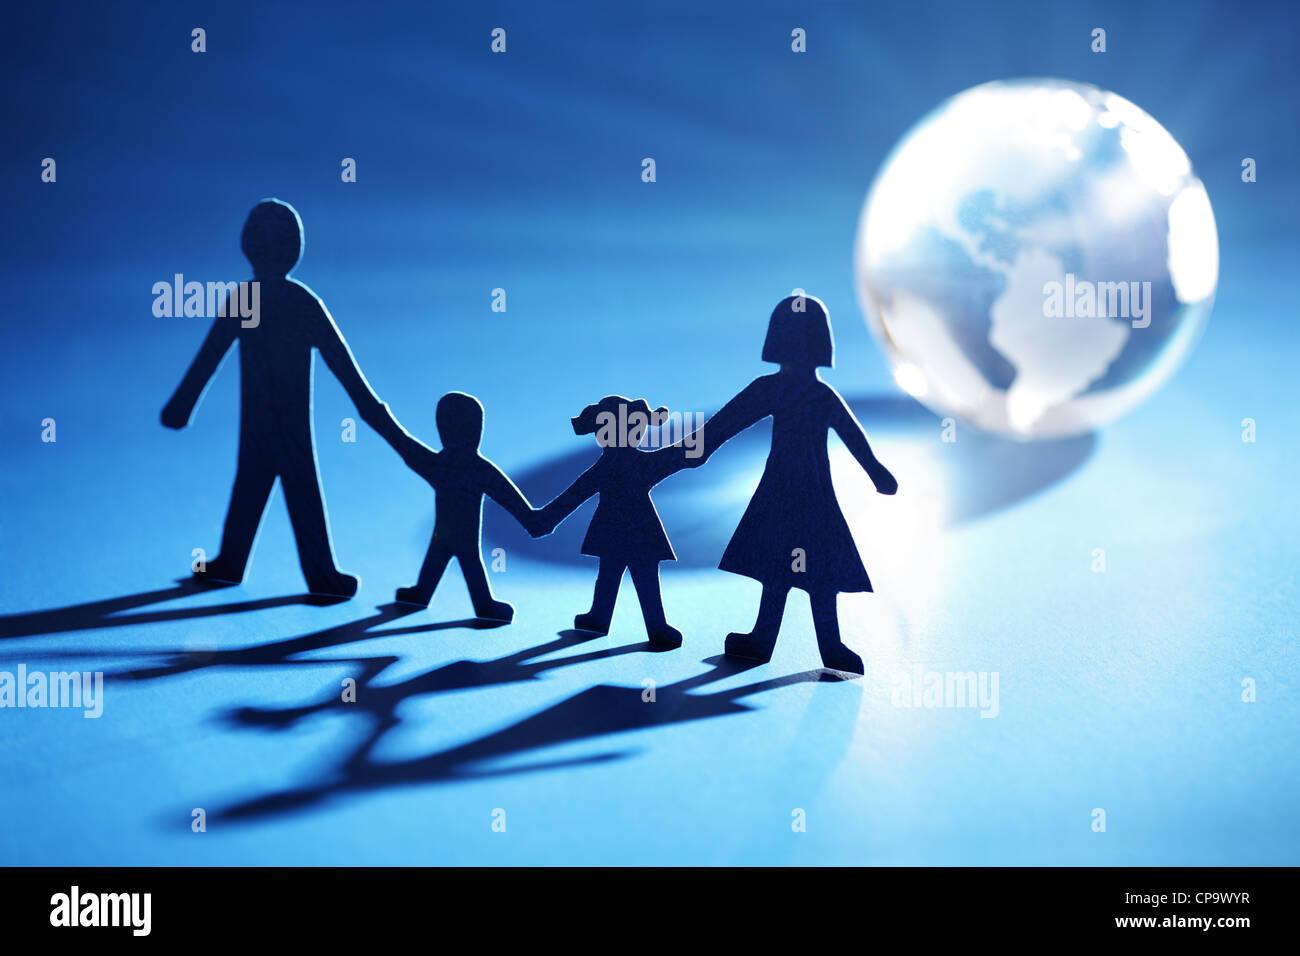 Papier-Kette Familie Bewegung in Richtung des Lichts Stockbild